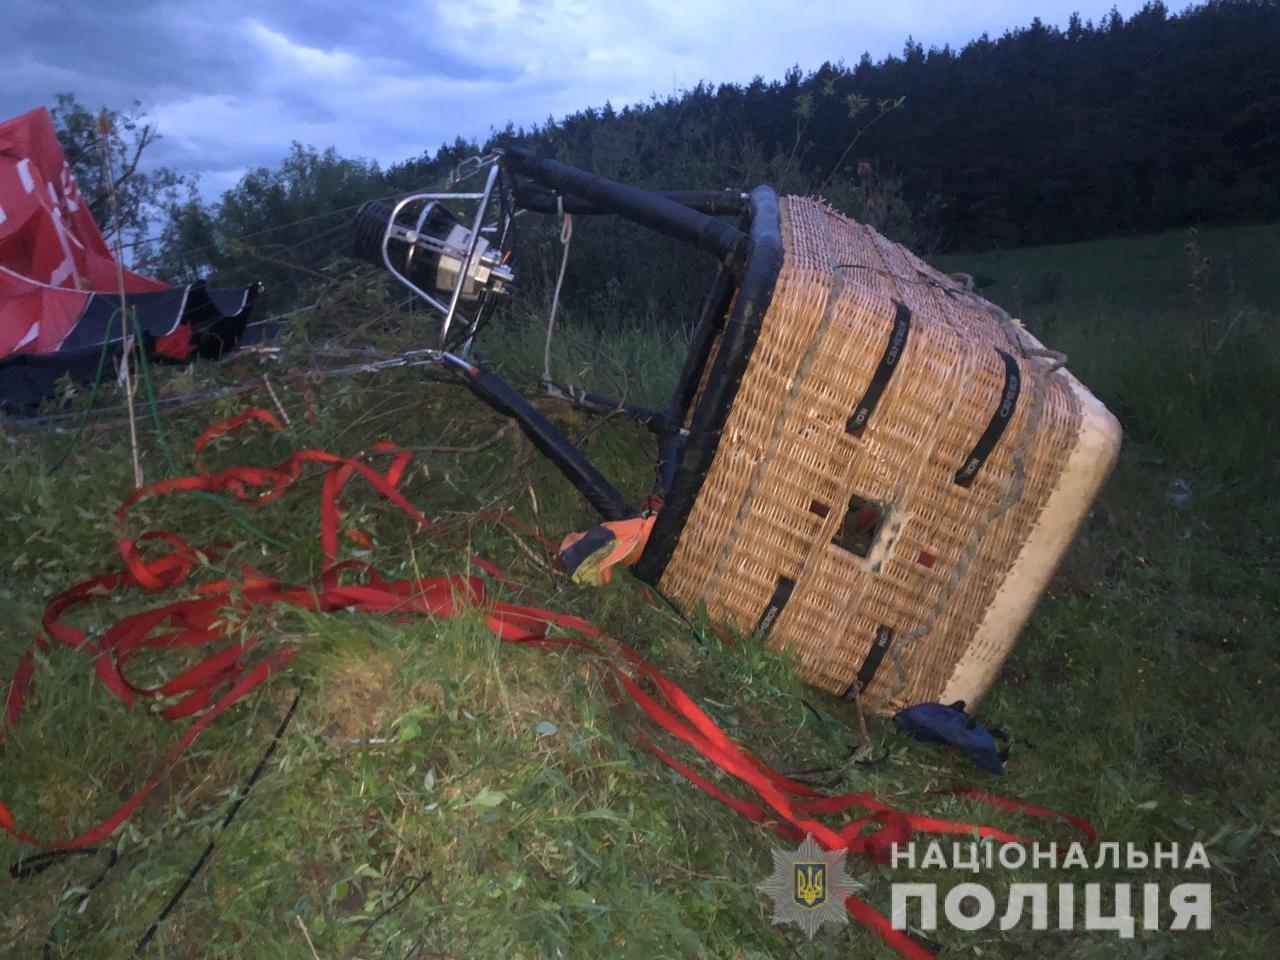 У Хмельницькій області поліція відкрила кримінальне провадження за фактом падіння повітряної кулі з людьми на борту, у результаті чого загинула одна людина,